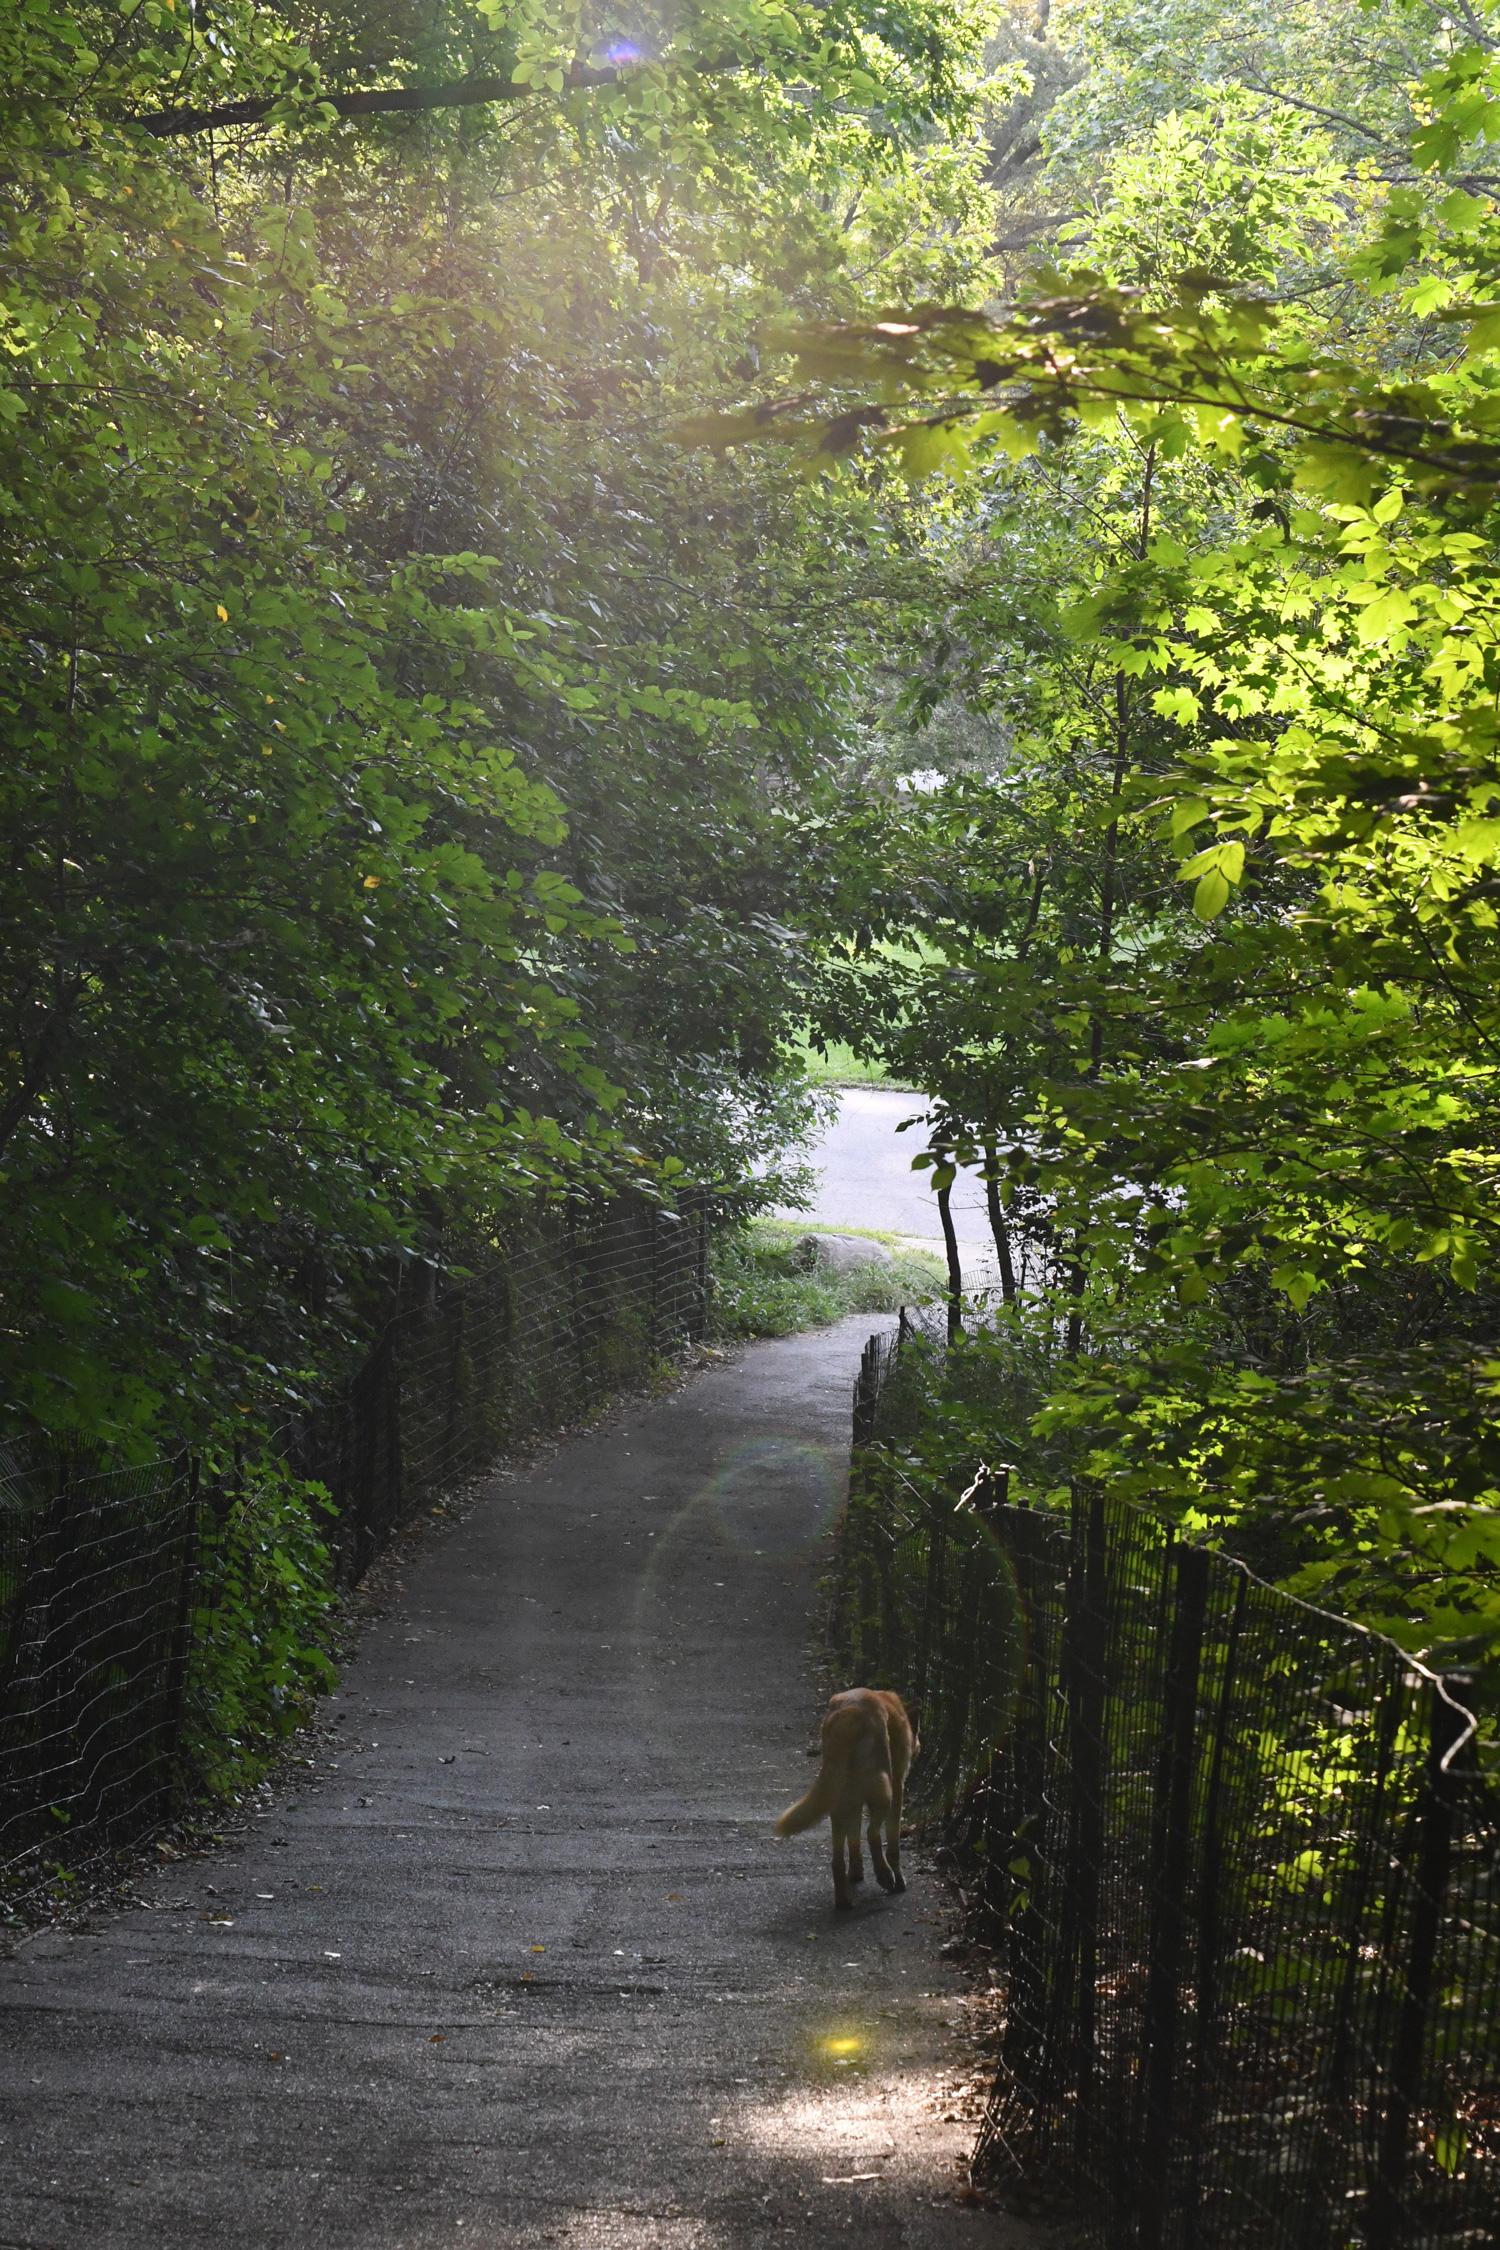 Toby on path, Prospect Park